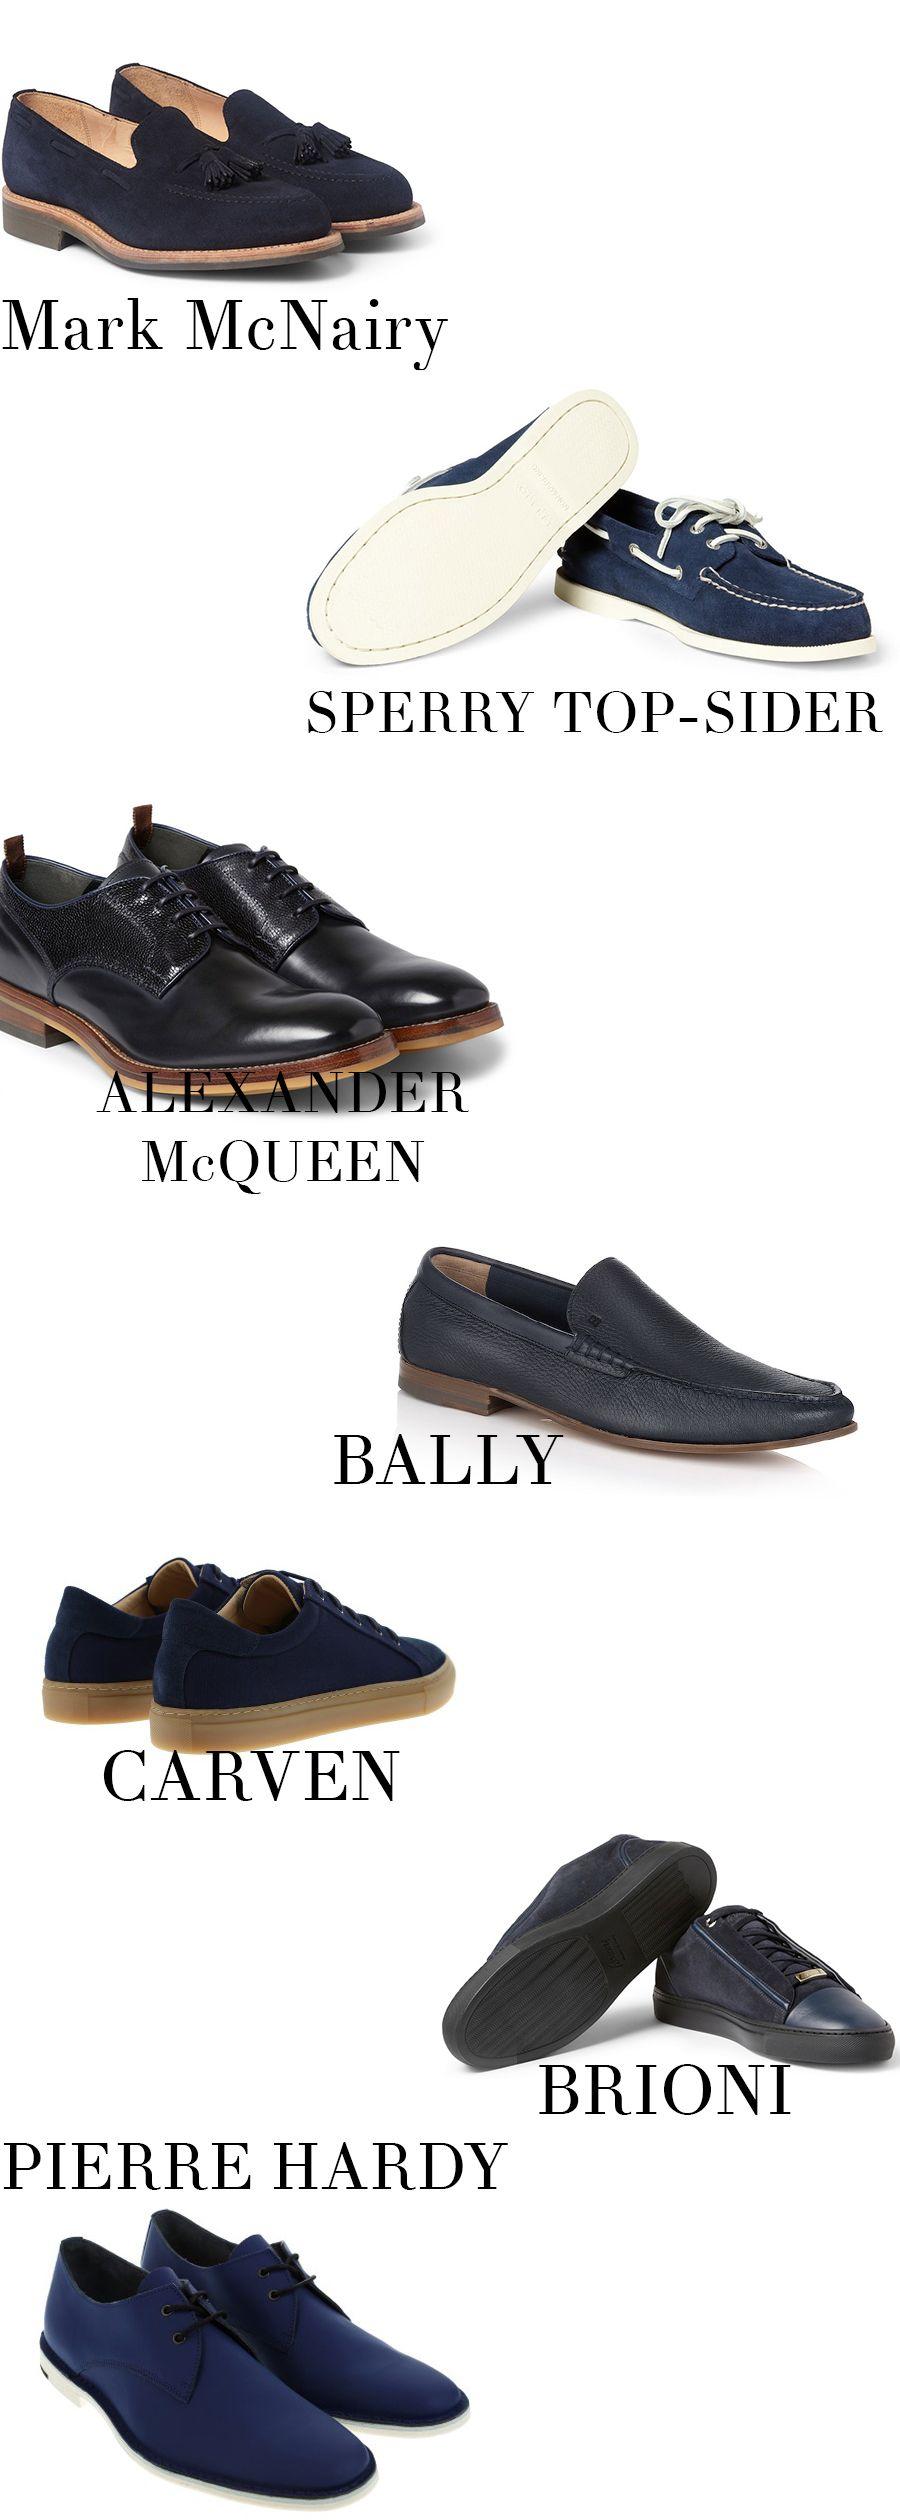 Blue Shoes No Blue Balls Socialifechicago